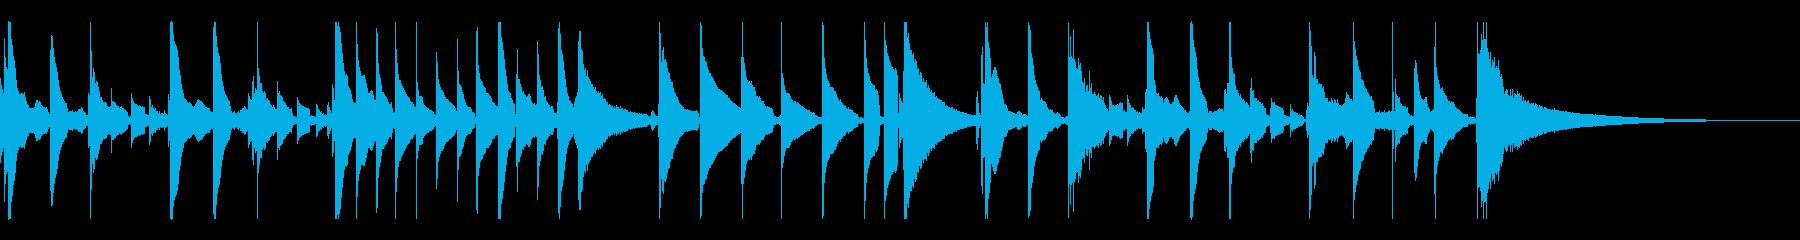 童謡「さくらさくら」をウクレレ演奏の再生済みの波形